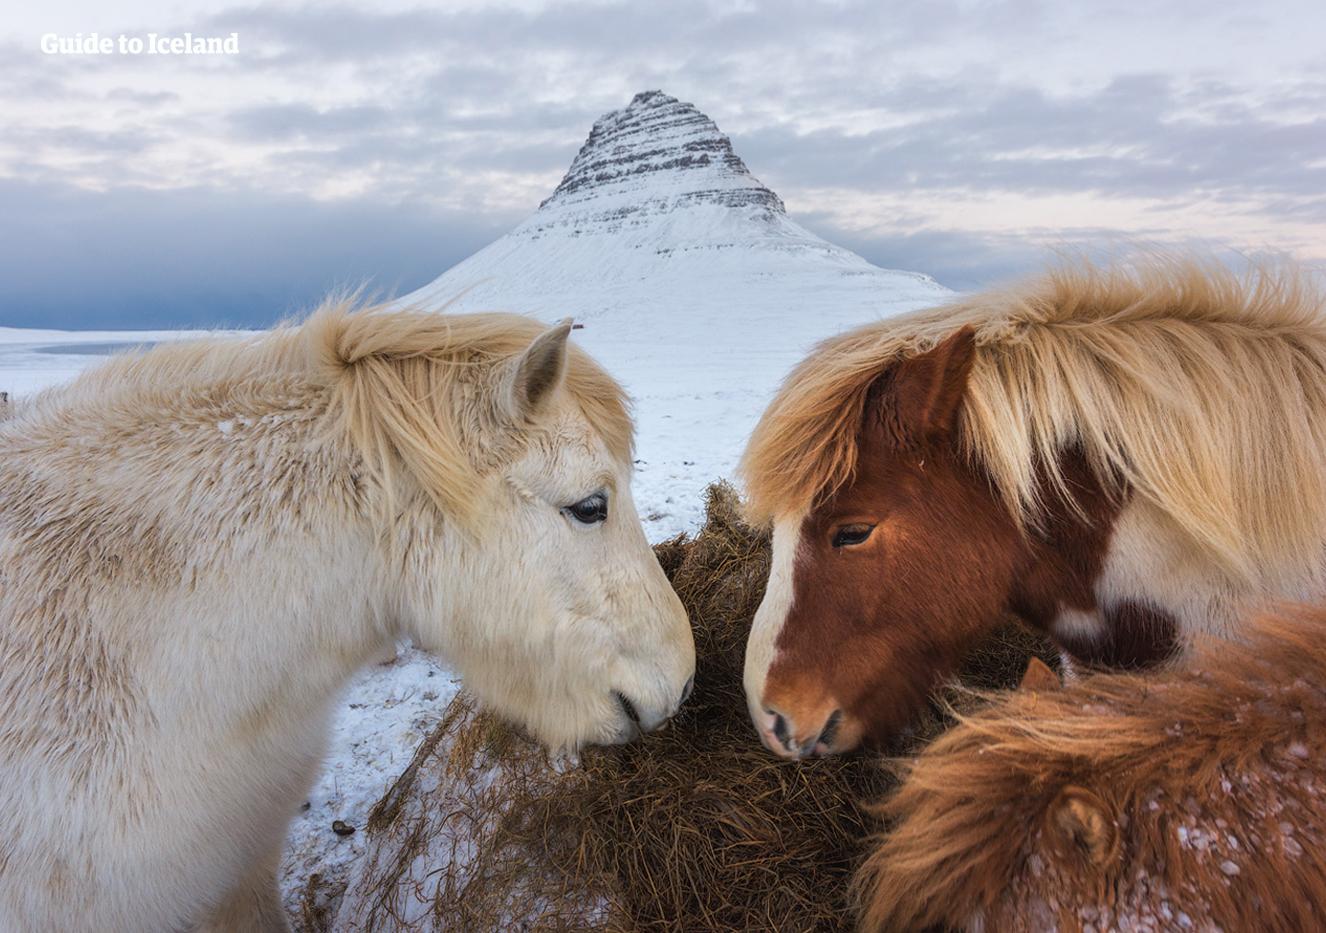 Islandzkie konie i kultowa góra Kirkjufell na półwyspie Snæfellsnes.